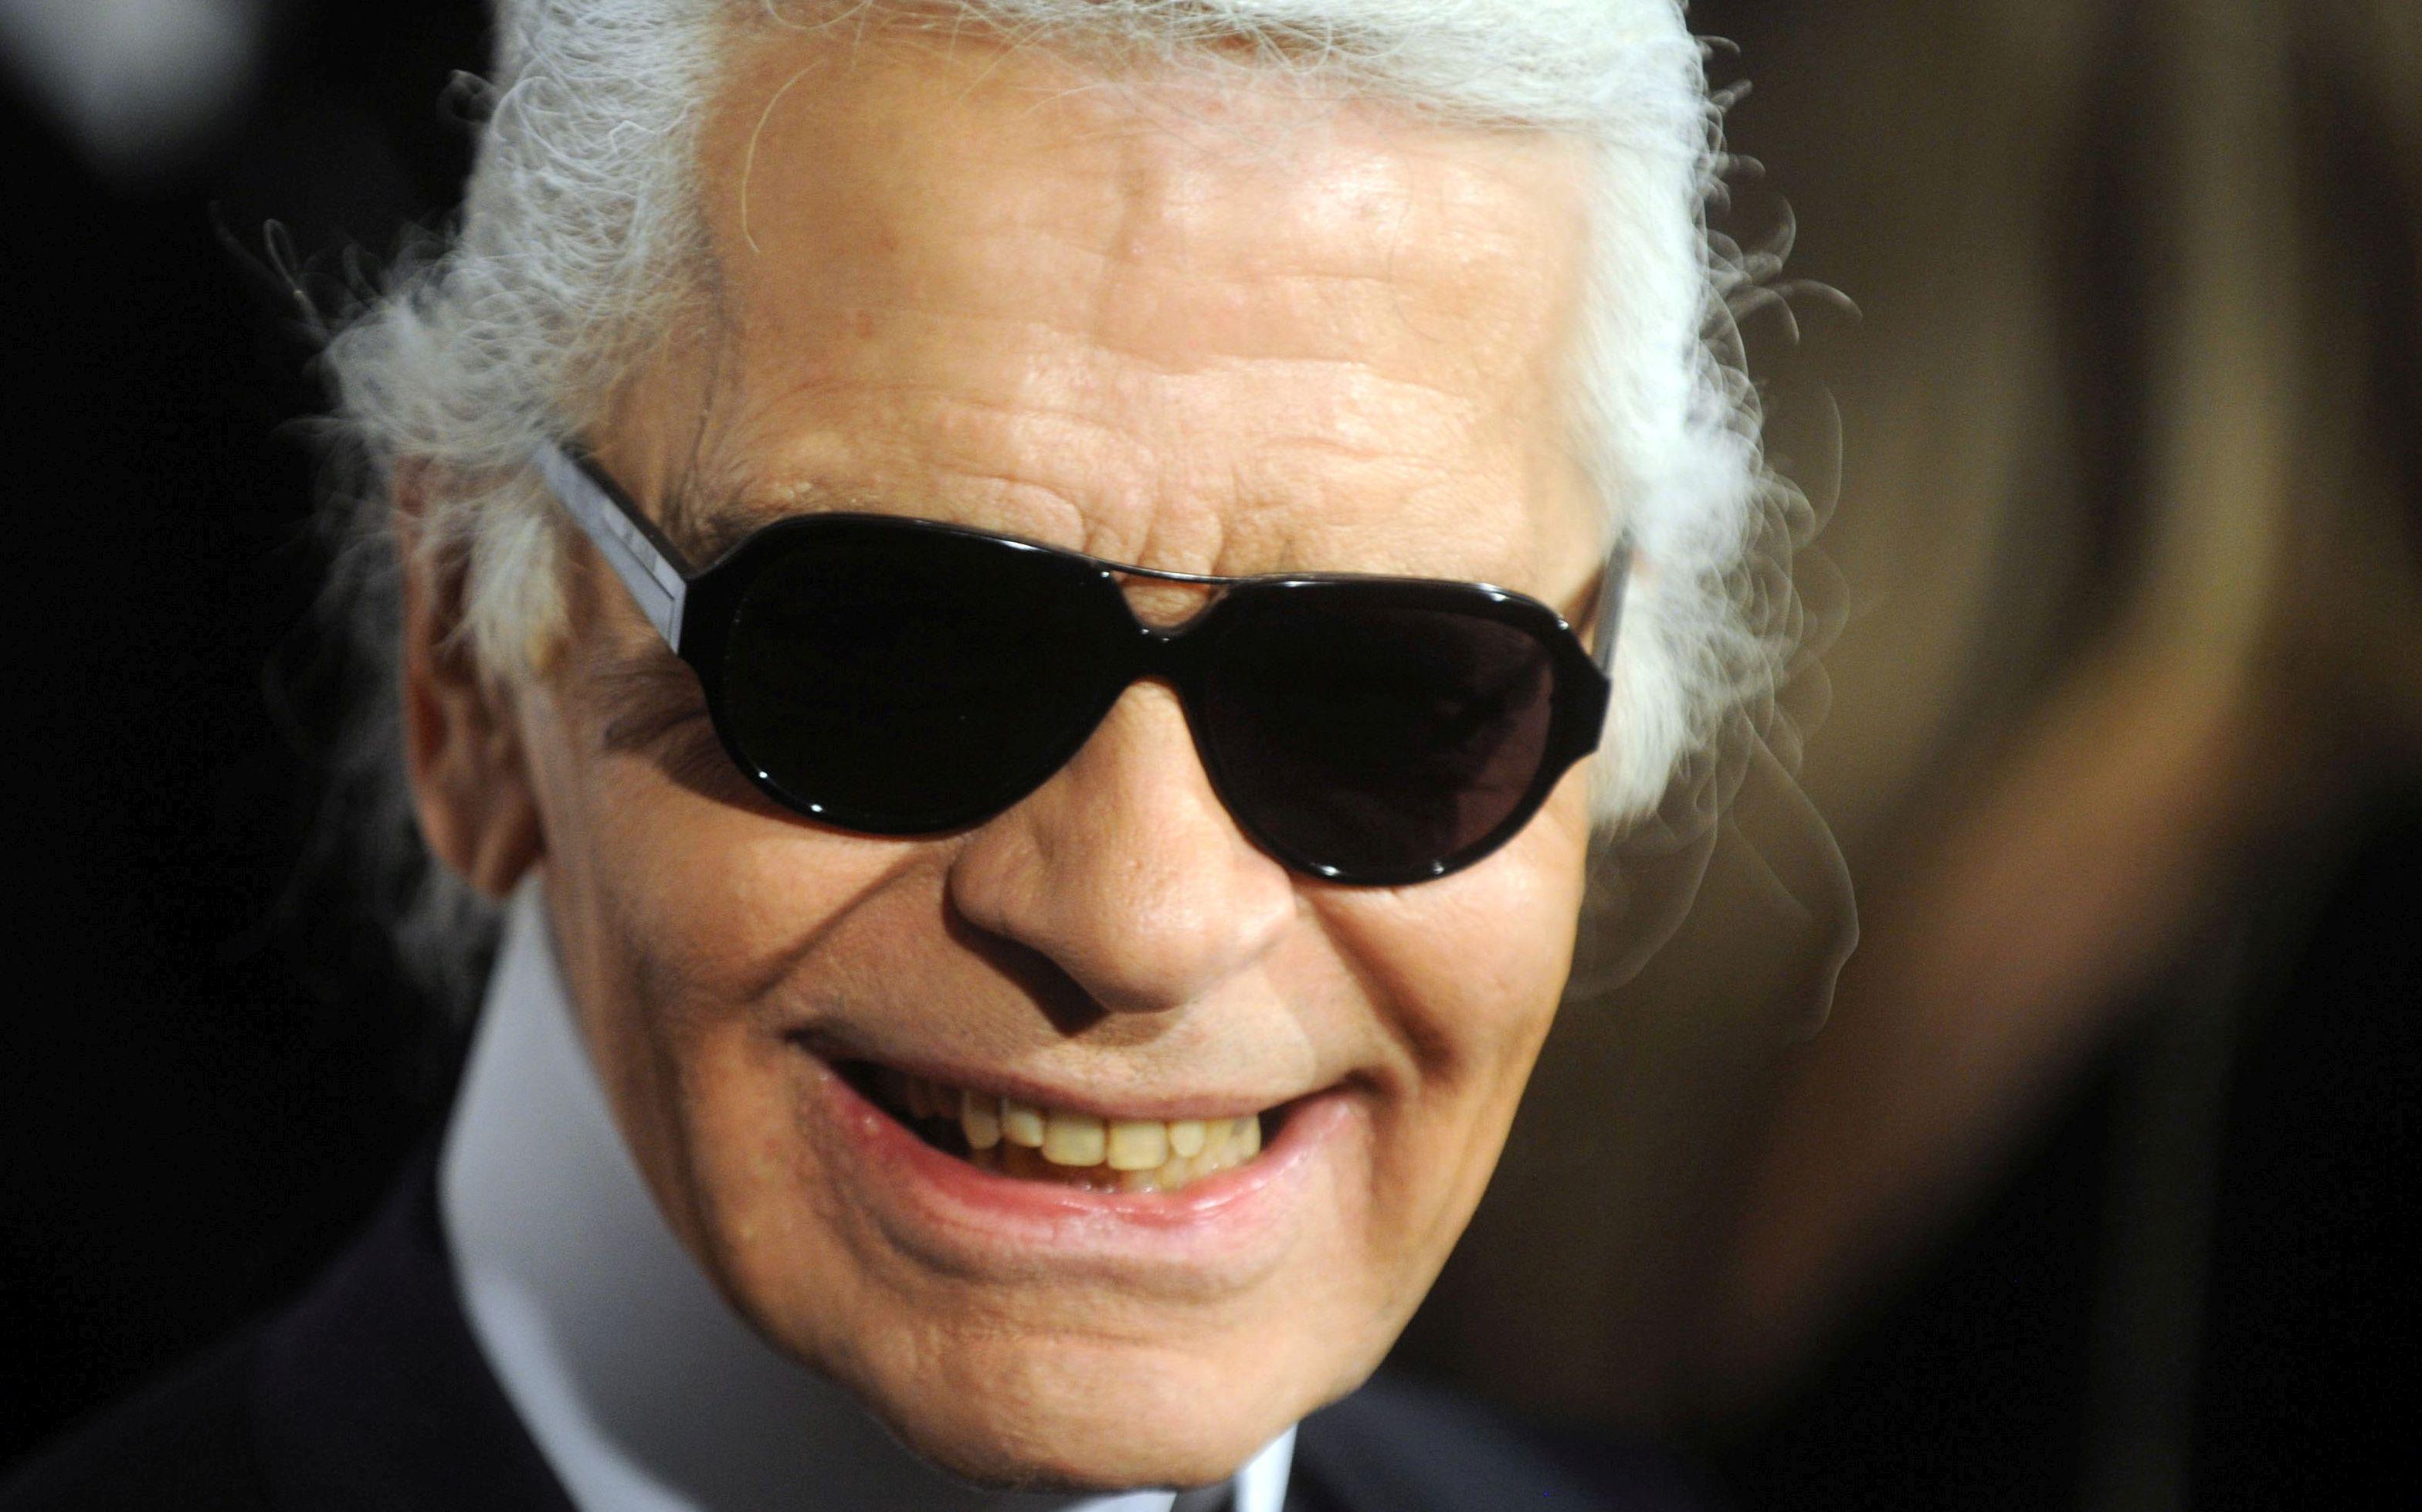 Aceasta a fost ultima dorință a lui Karl Lagerfeld! Ce se va întâmpla cu cenușa creatorului de modă Chanel